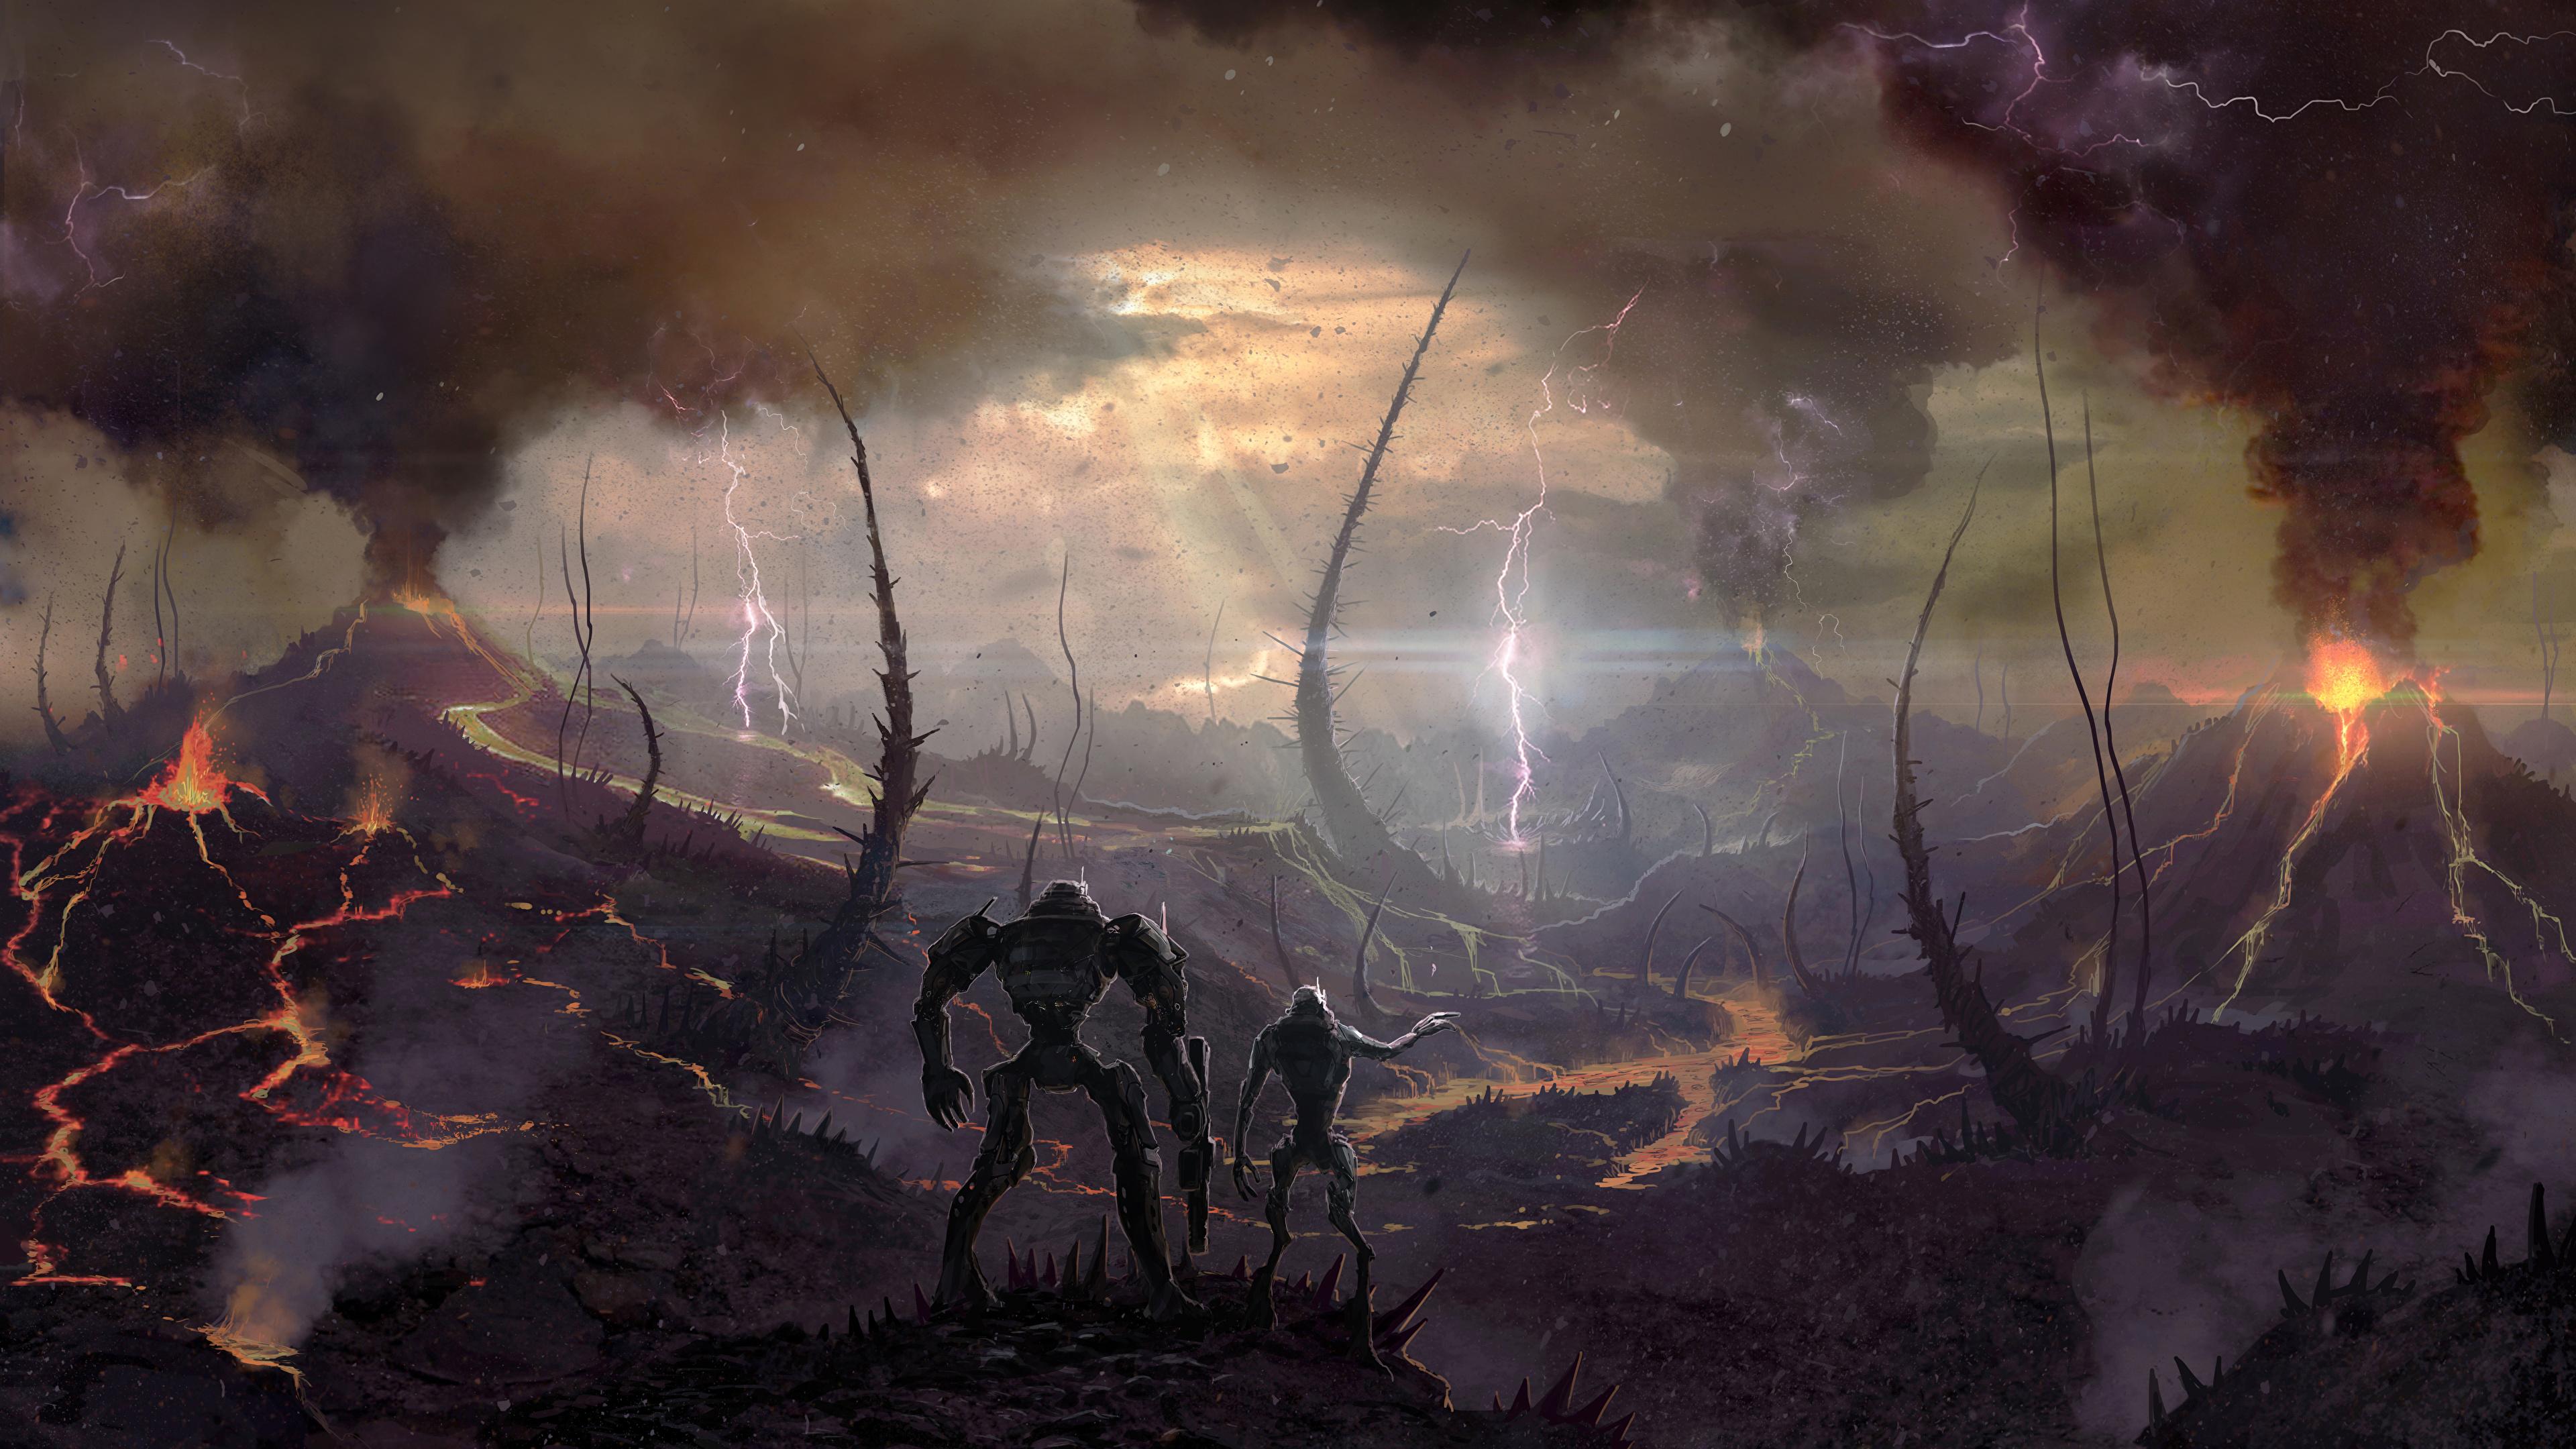 zdjęcia wulkanu Battle for Sularia Piorun gra wideo komputerowa Dym Fantastyczny świat 3840x2160 Wulkan wulkany Błyskawice Gry wideo